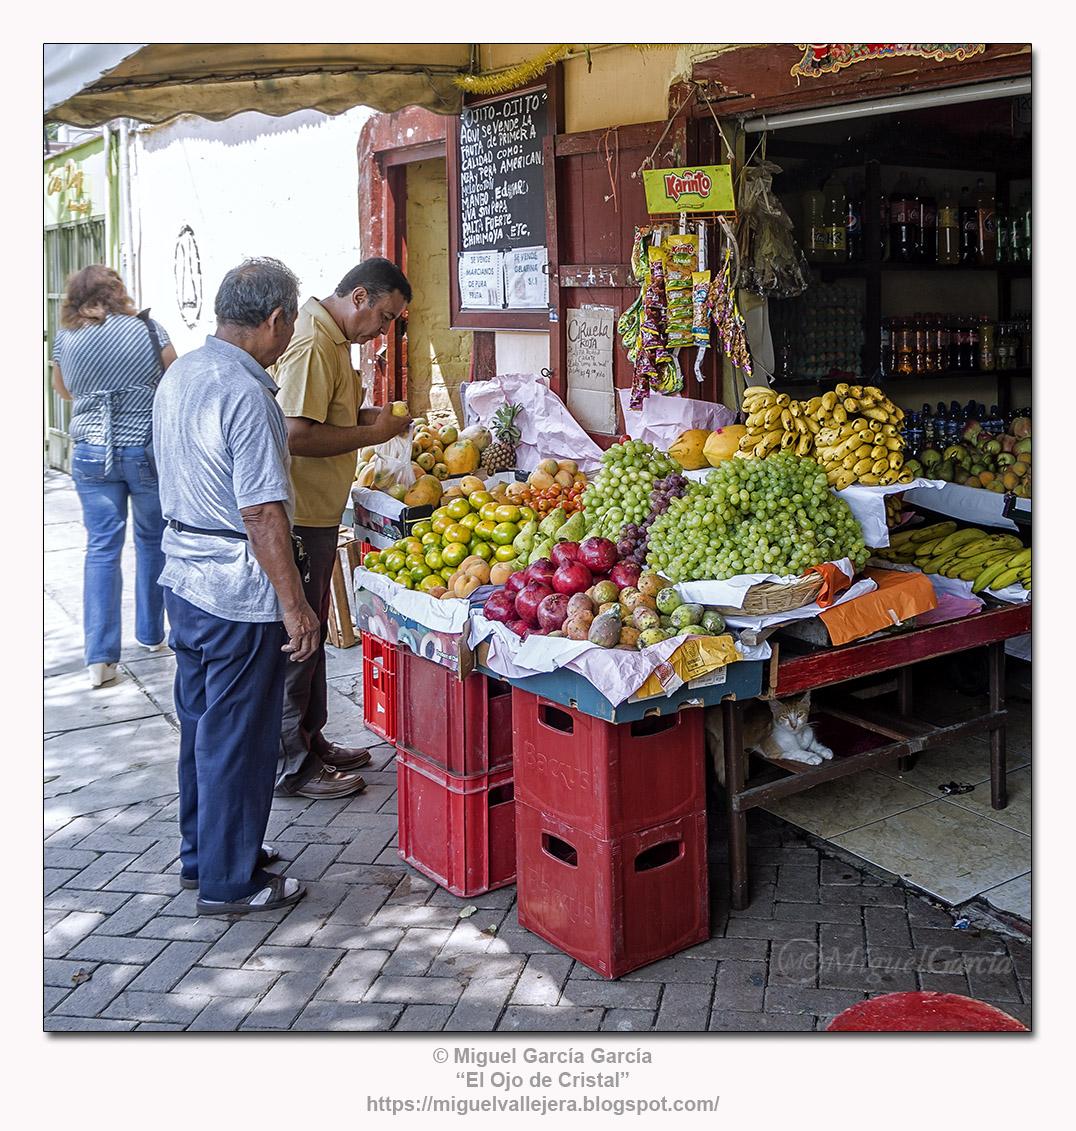 Puesto de frutas y abarrotes, Surco Viejo - Lima.